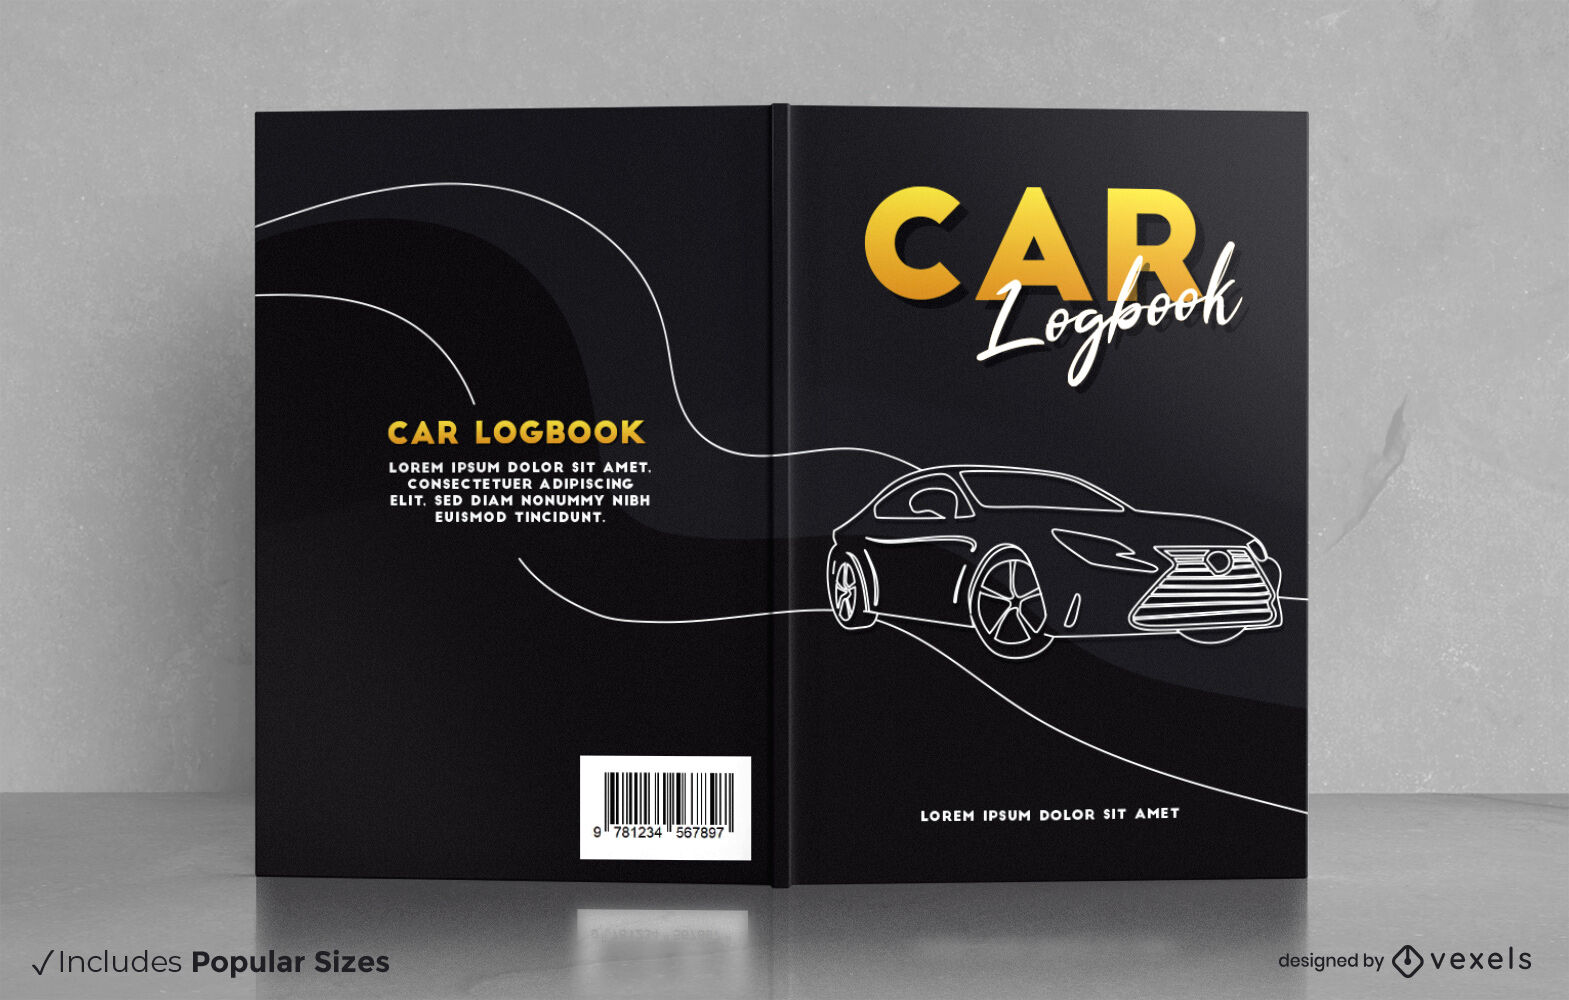 Design des Auto-Logbuch-Cover